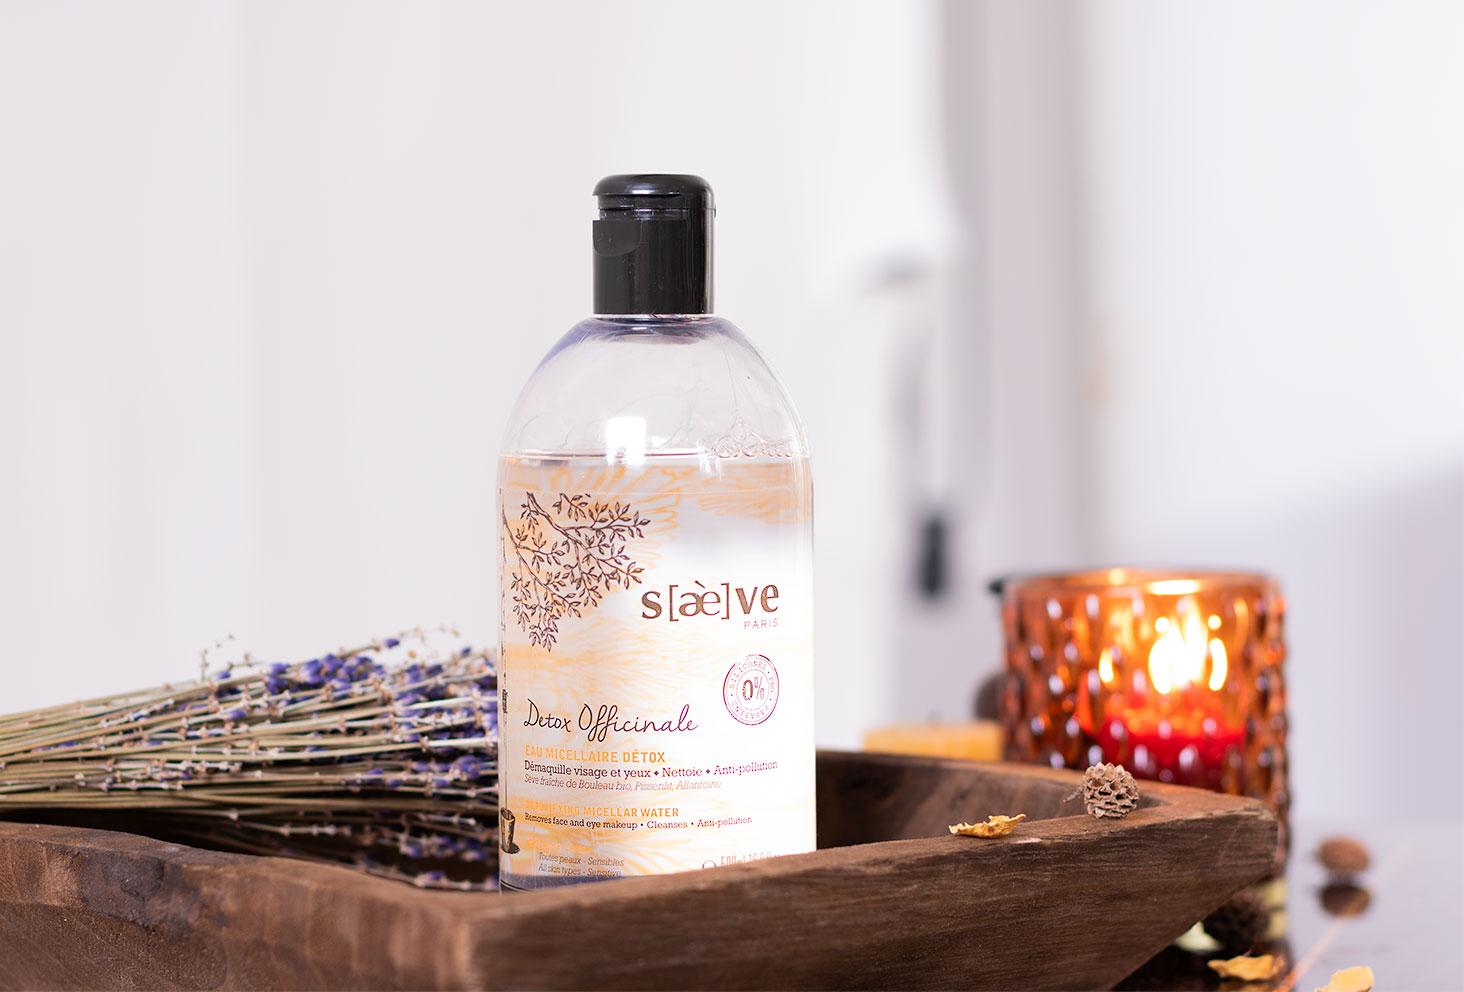 Detox Officinale l'eau micellaire démaquillante Saeve, posé dans une assiette en bois au milieu de lavande et de bougies aux couleurs de l'orient